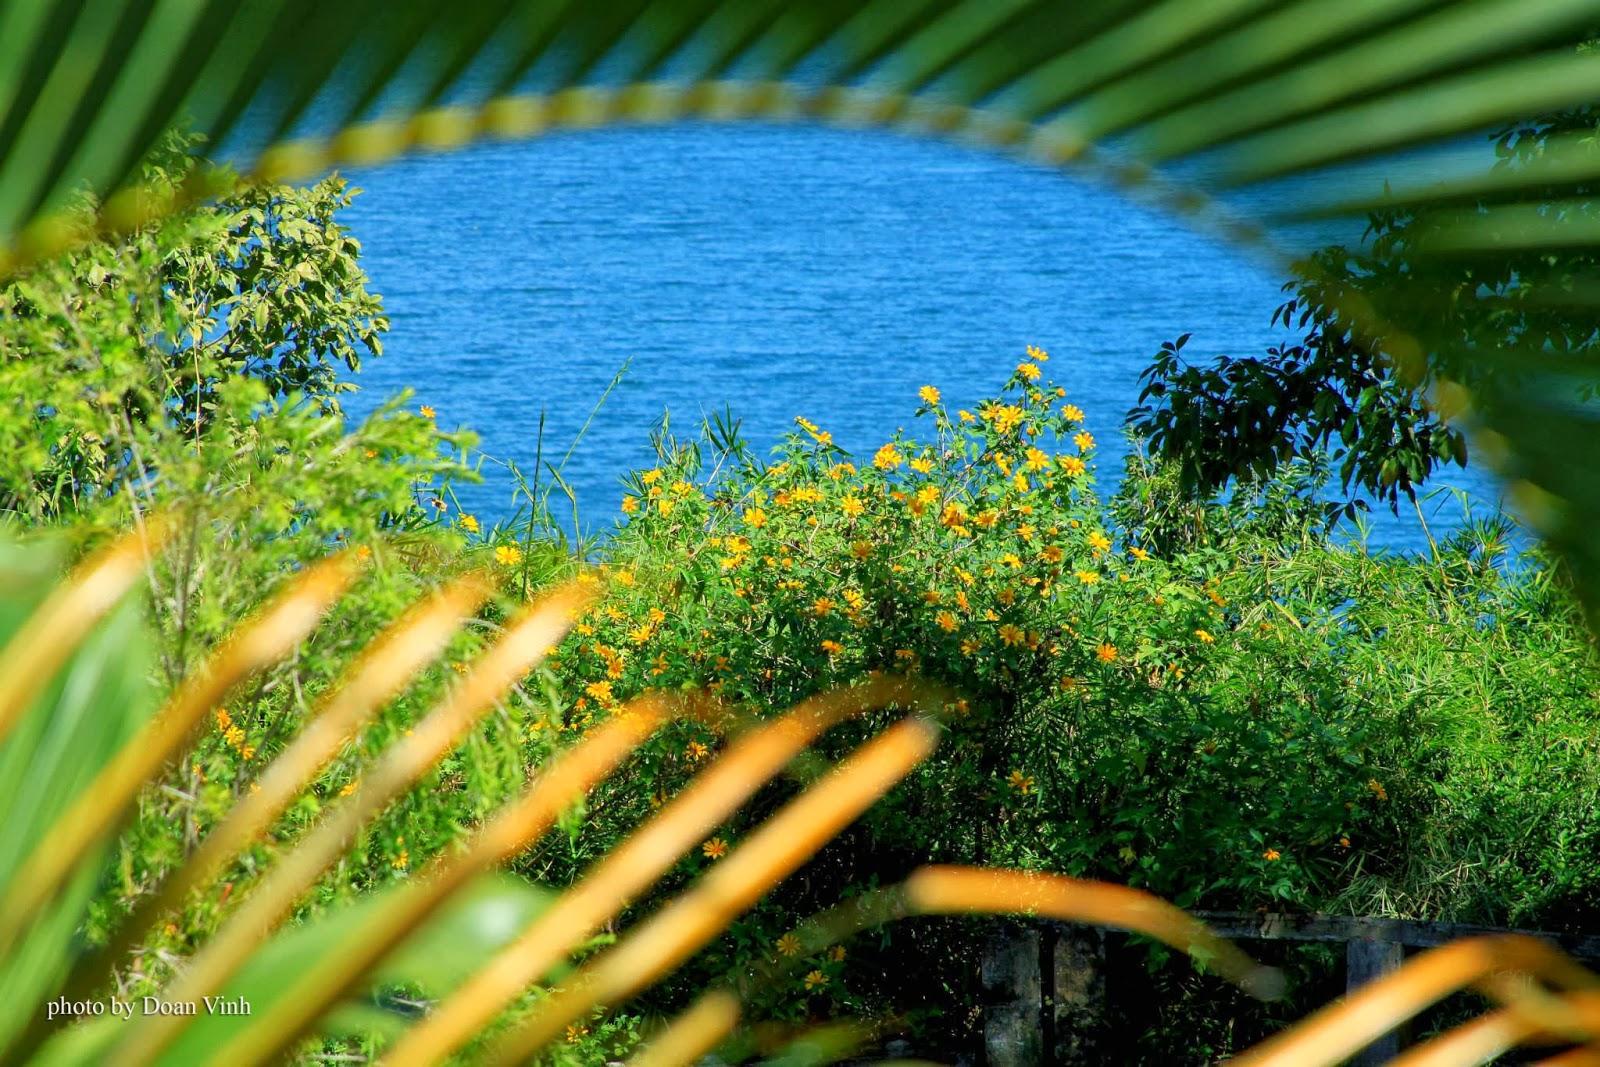 Tháng 10 đến đà lạt ngắm biển hoa dã quỳ